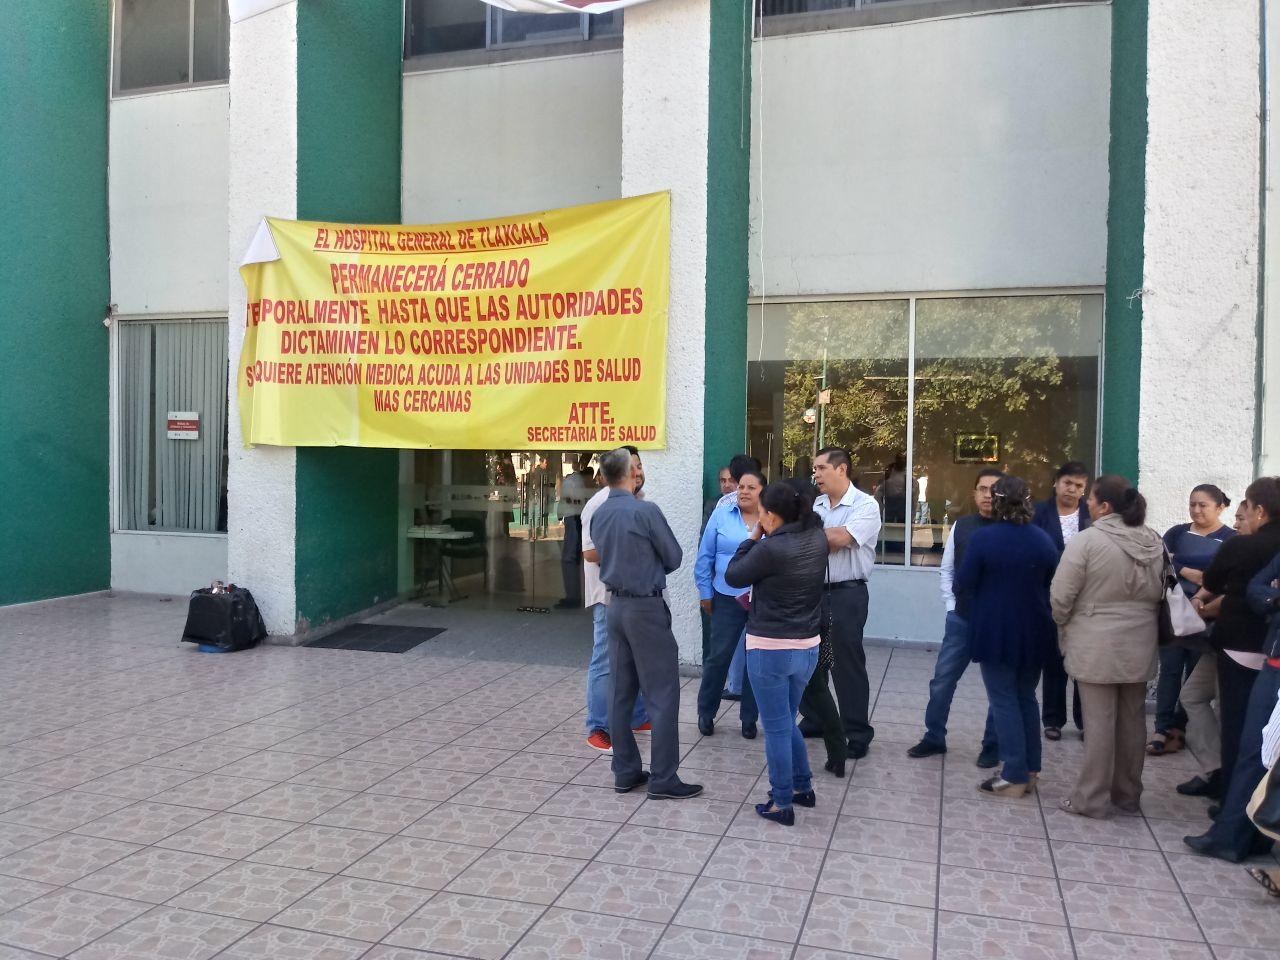 A pesar de riesgos reabrirán Hospital General de Tlaxcala